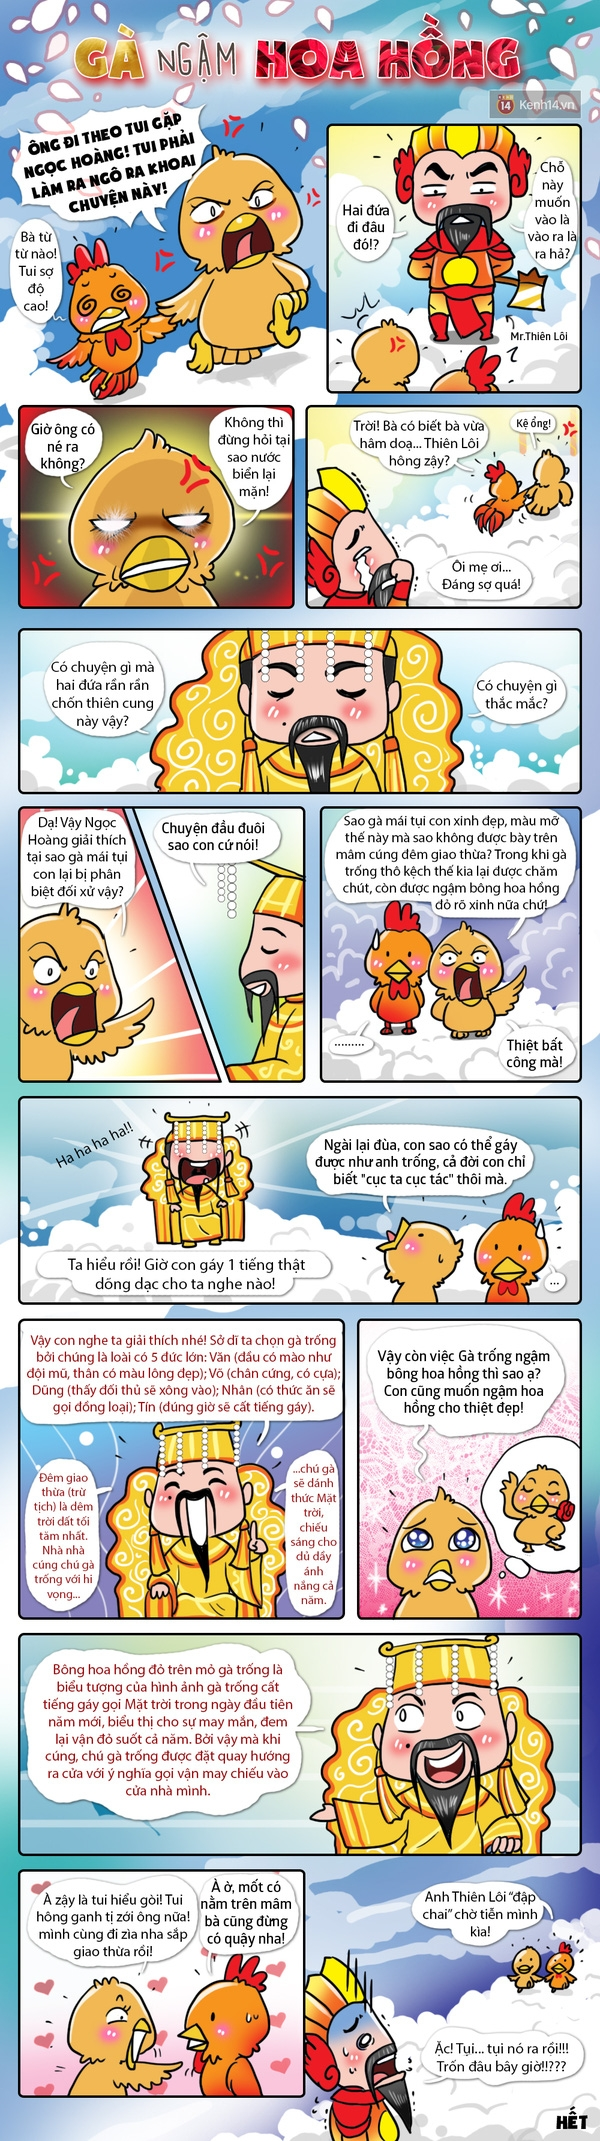 Hình ảnh hài hước của các bạn trẻ khi giải thích về phong tục dân tộc Việt. (Ảnh: Internet)